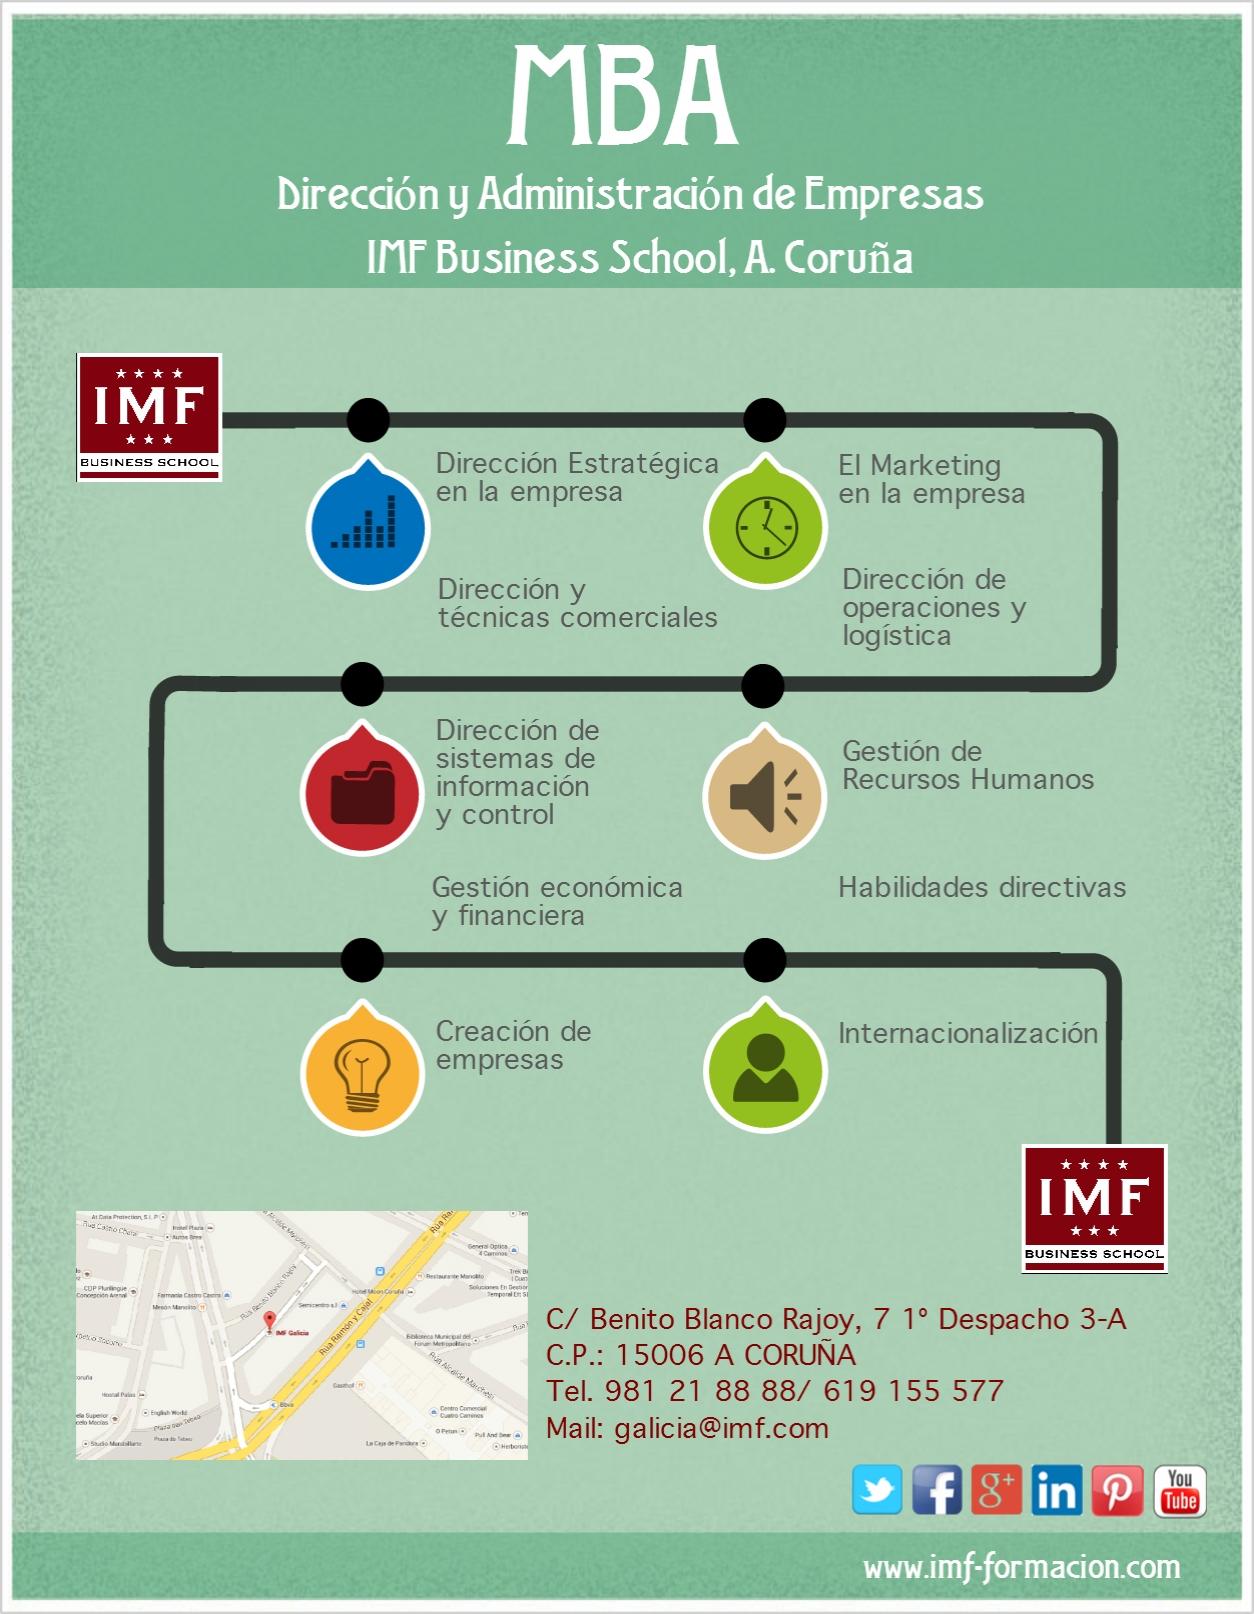 MBA_ACORUÑA_IMF 1ª Edición del MBA Semipresencial en A. Coruña